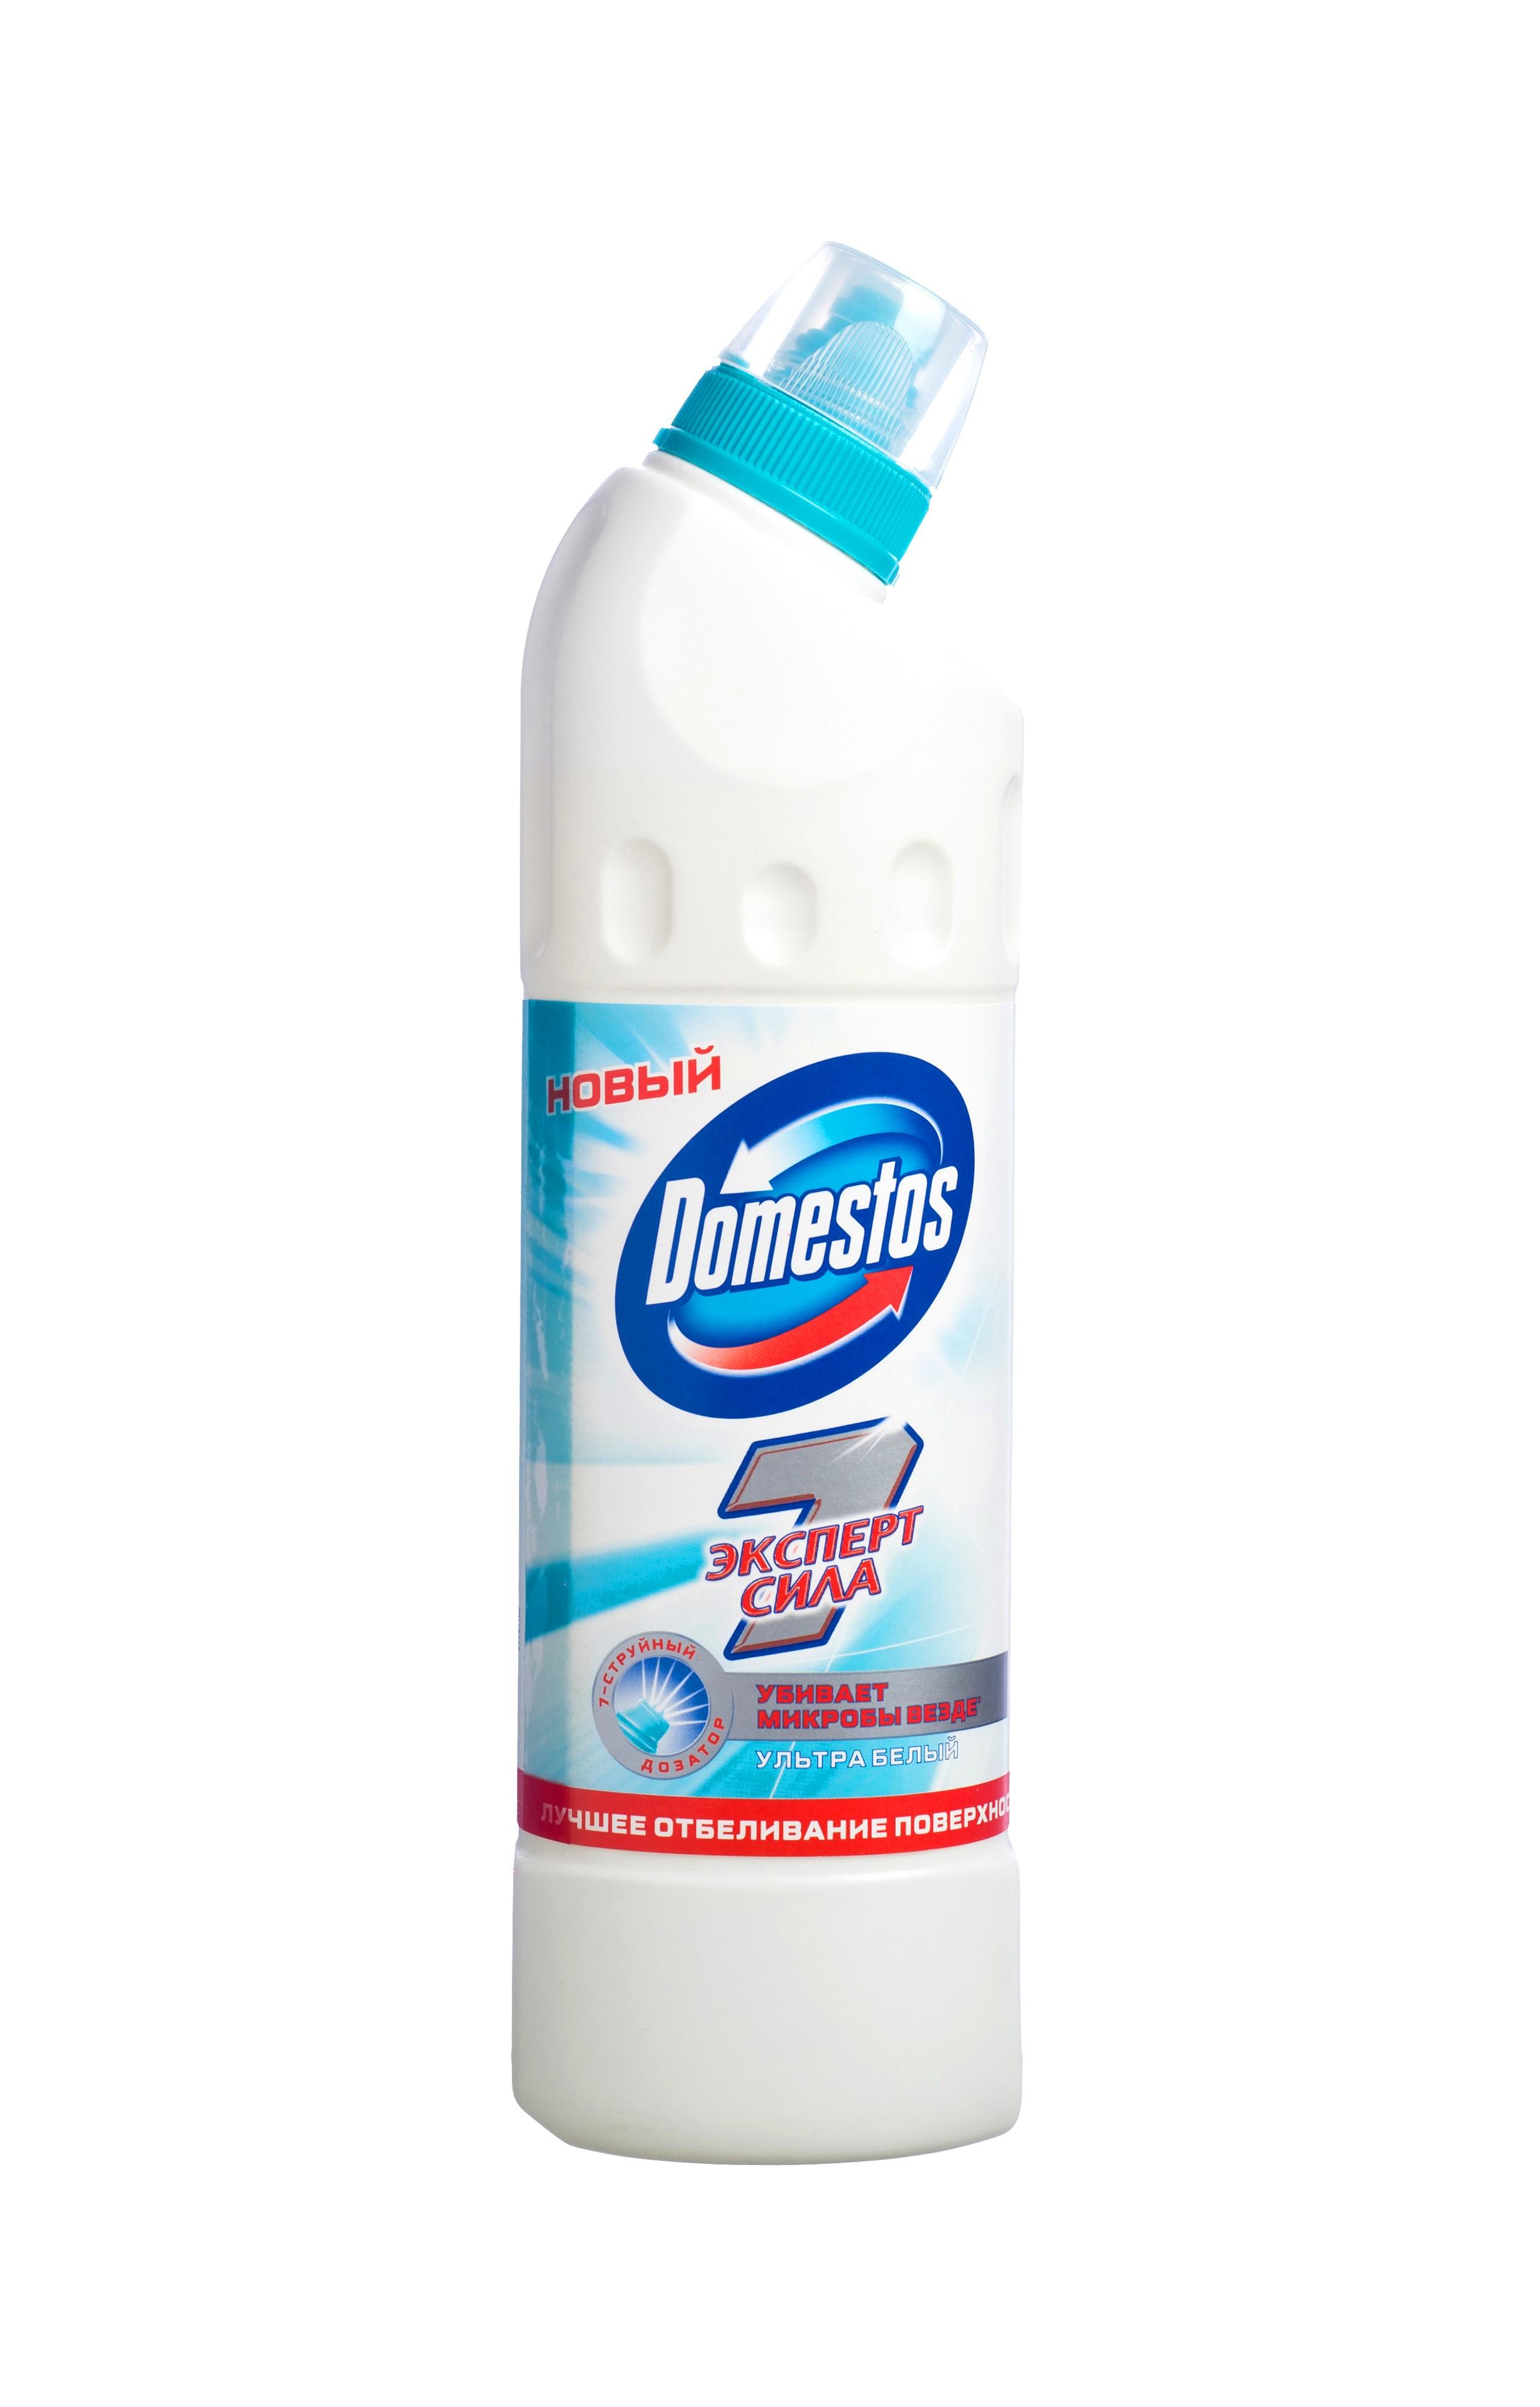 Domestos Чистящее средство для ванны и туалета Эксперт сила 7. Ультра белый, 500 мл68/5/4Чистящее средство Domestos Ультра белый. Эксперт сила обеспечит вам и вашей семье защиту от микробов в туалете, убивая все известные микробы, и в то же время подарит вашему унитазу белоснежную чистоту и сияние. Благодаря инновационному 7-струйному дозатору эффективно очищает унитаз и убивает микробы, добираясь даже до самых труднодоступных мест, в которых очищение обычно затруднено.Состав: менее 5%: гипохлорит натрия: анионные ПАВ; неионогенные ПАВ; мыло; отдушка. Товар сертифицирован.